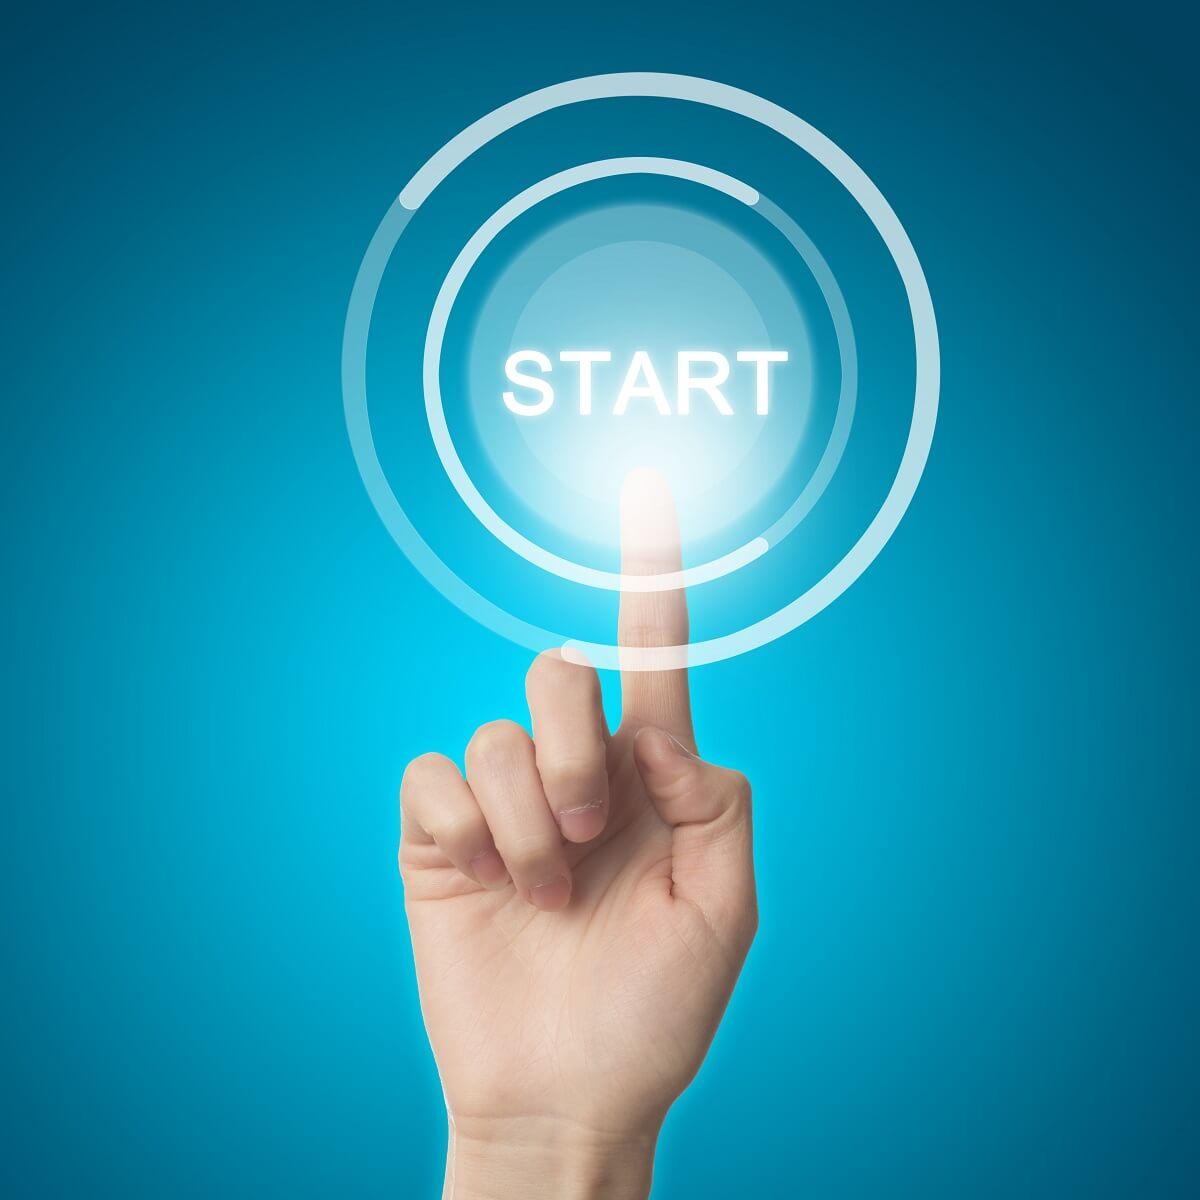 STARTのボタンを人差し指で押している様子。